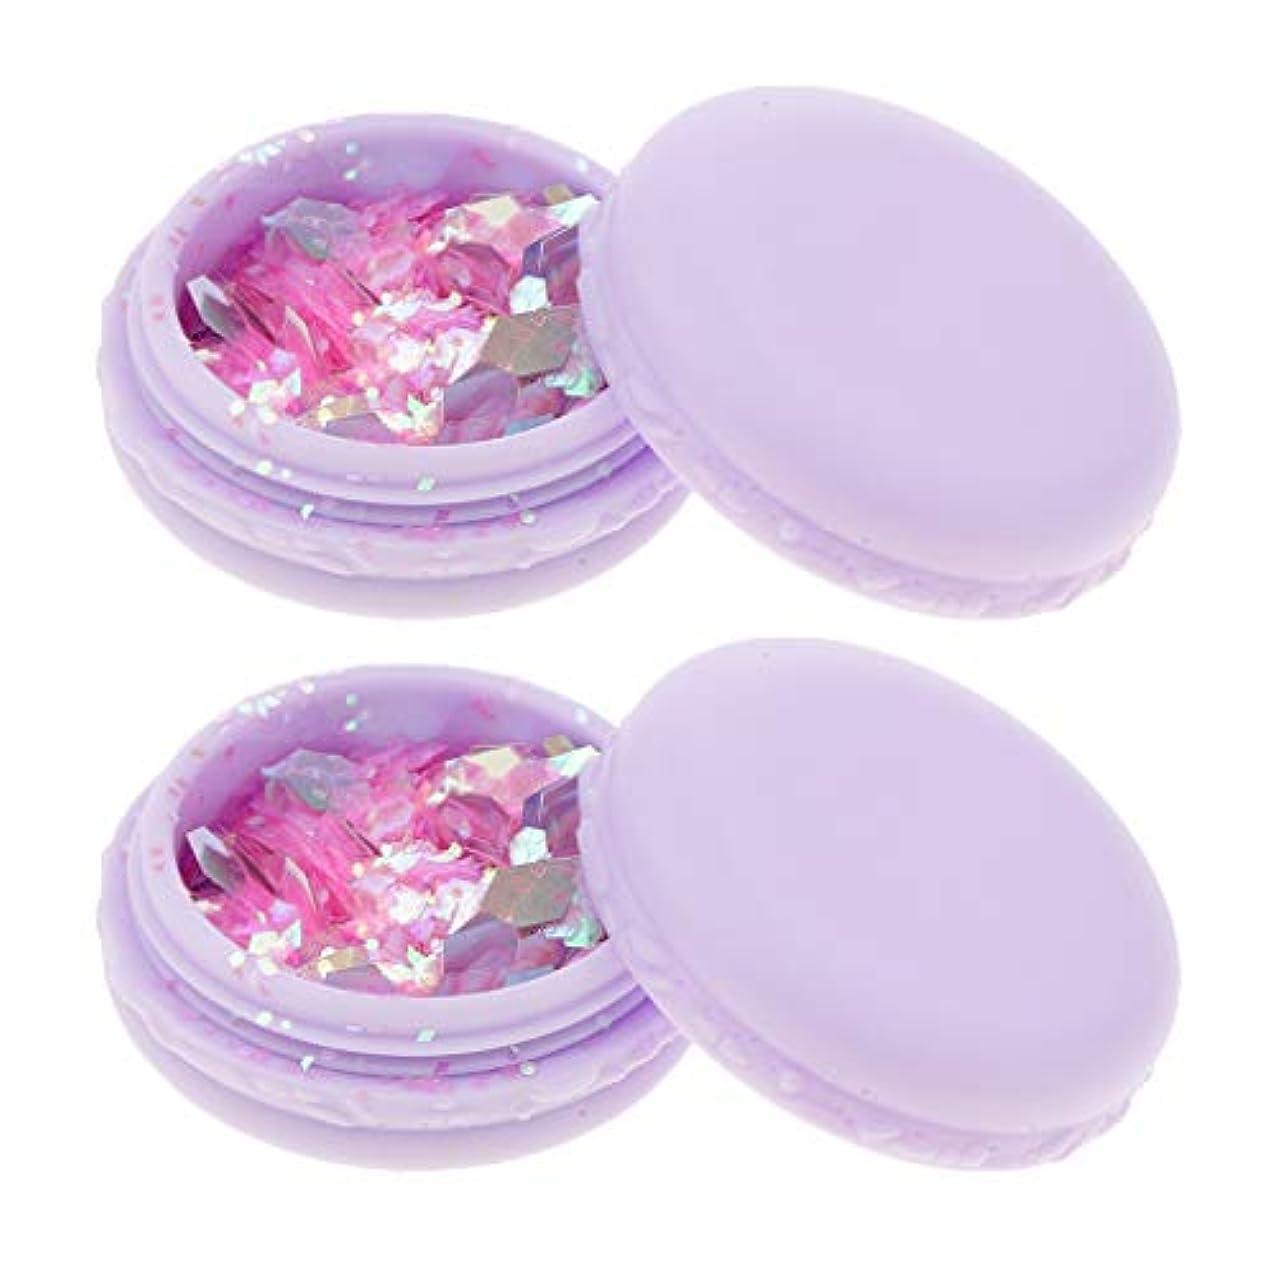 遺伝的逆売上高2ピースチャンキー化粧品キラキラ目唇ボディヘアーフェイスネイルフェスティバルメイク - ピンク